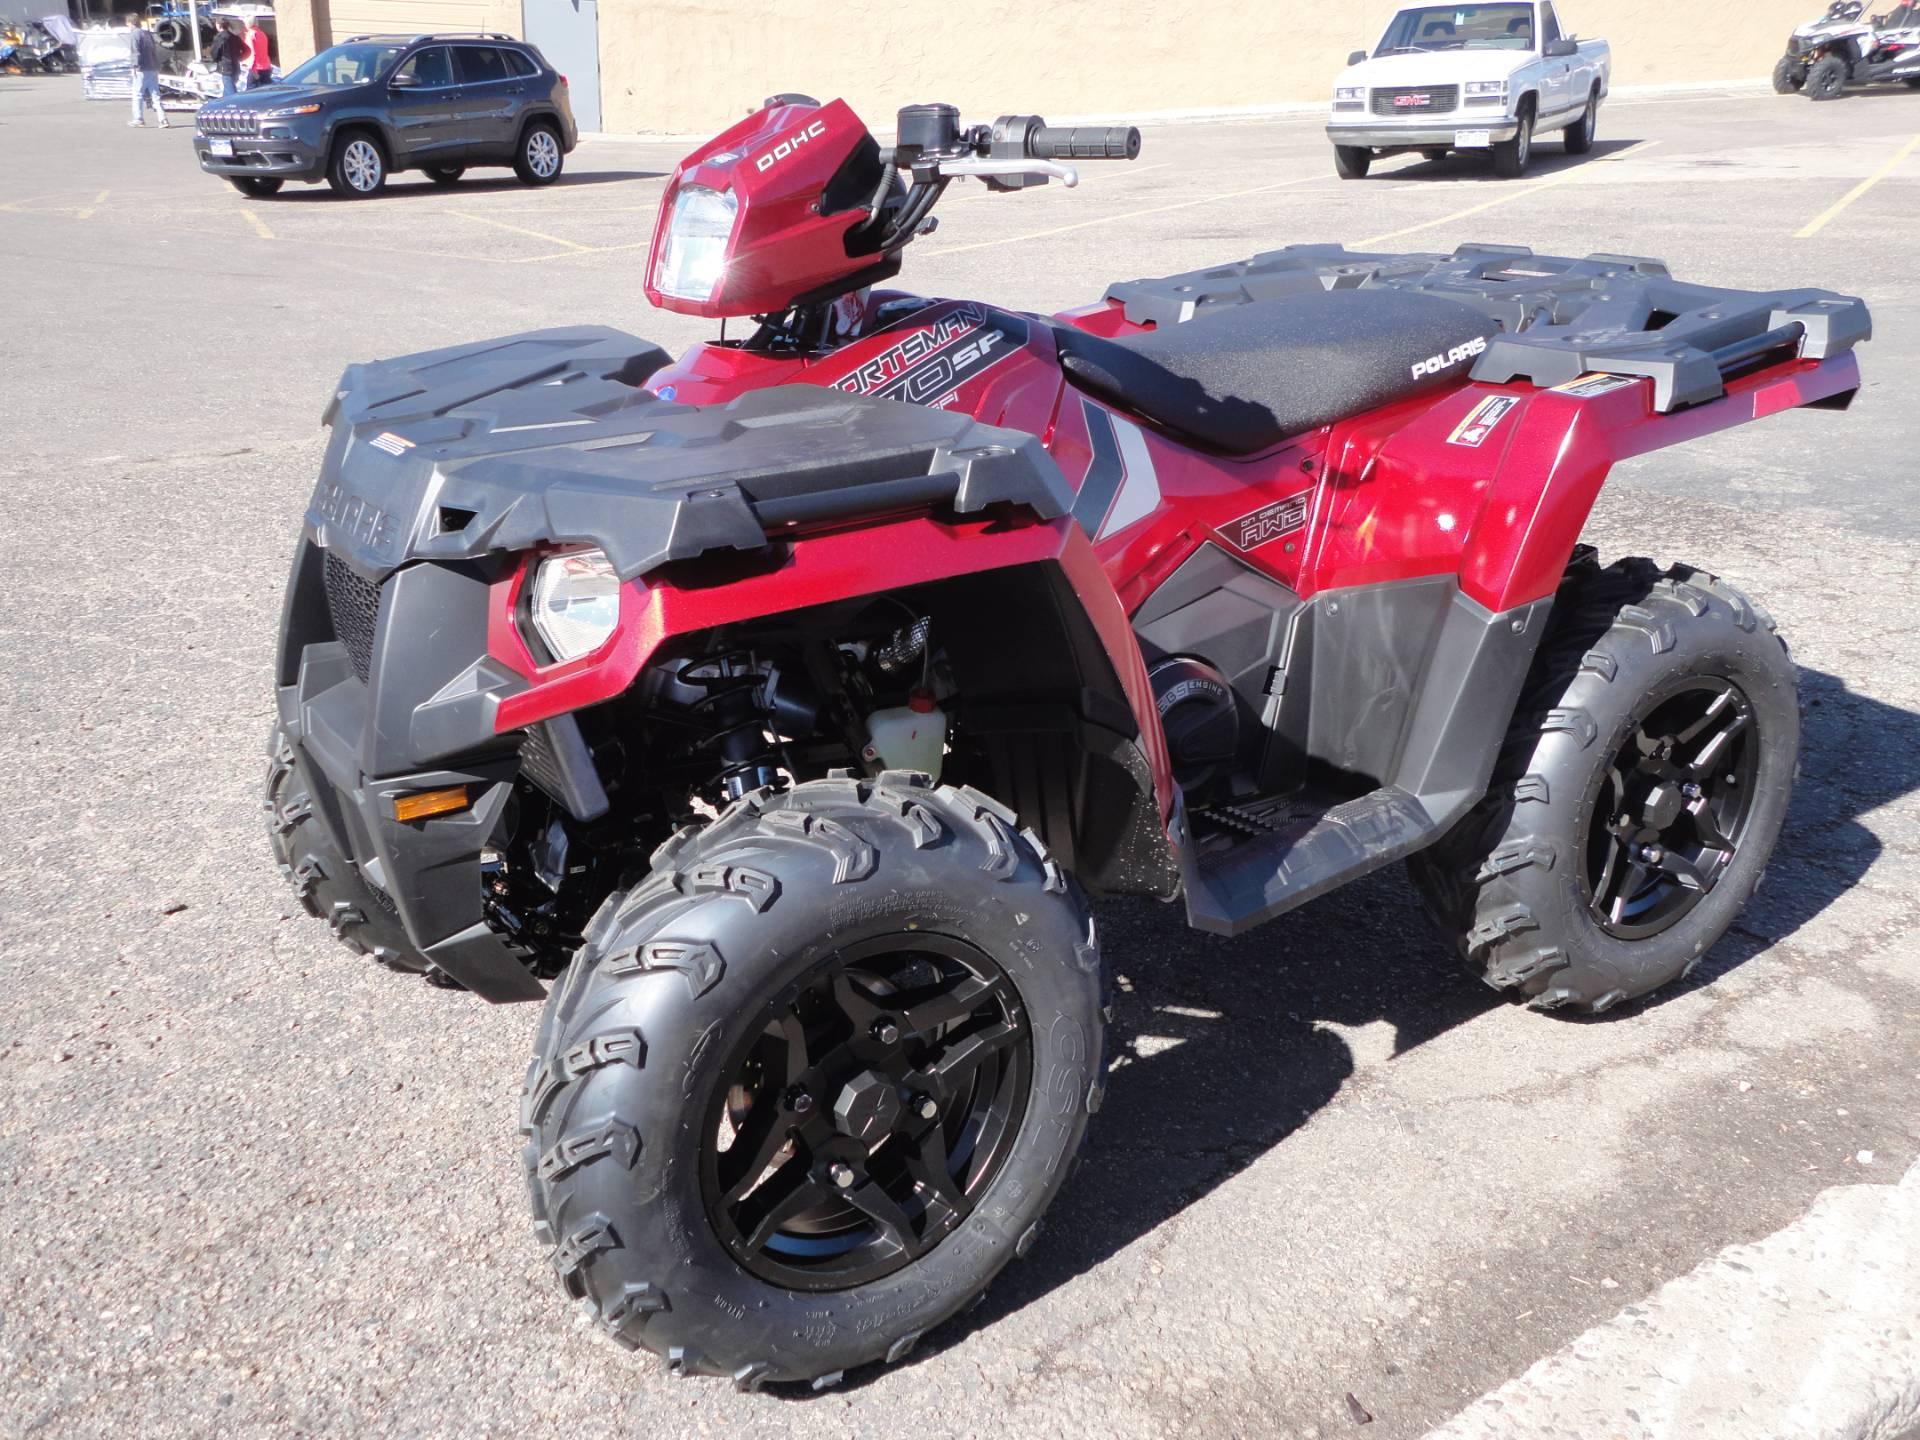 2018 Polaris Sportsman 570 SP ATVs Denver Colorado V3333